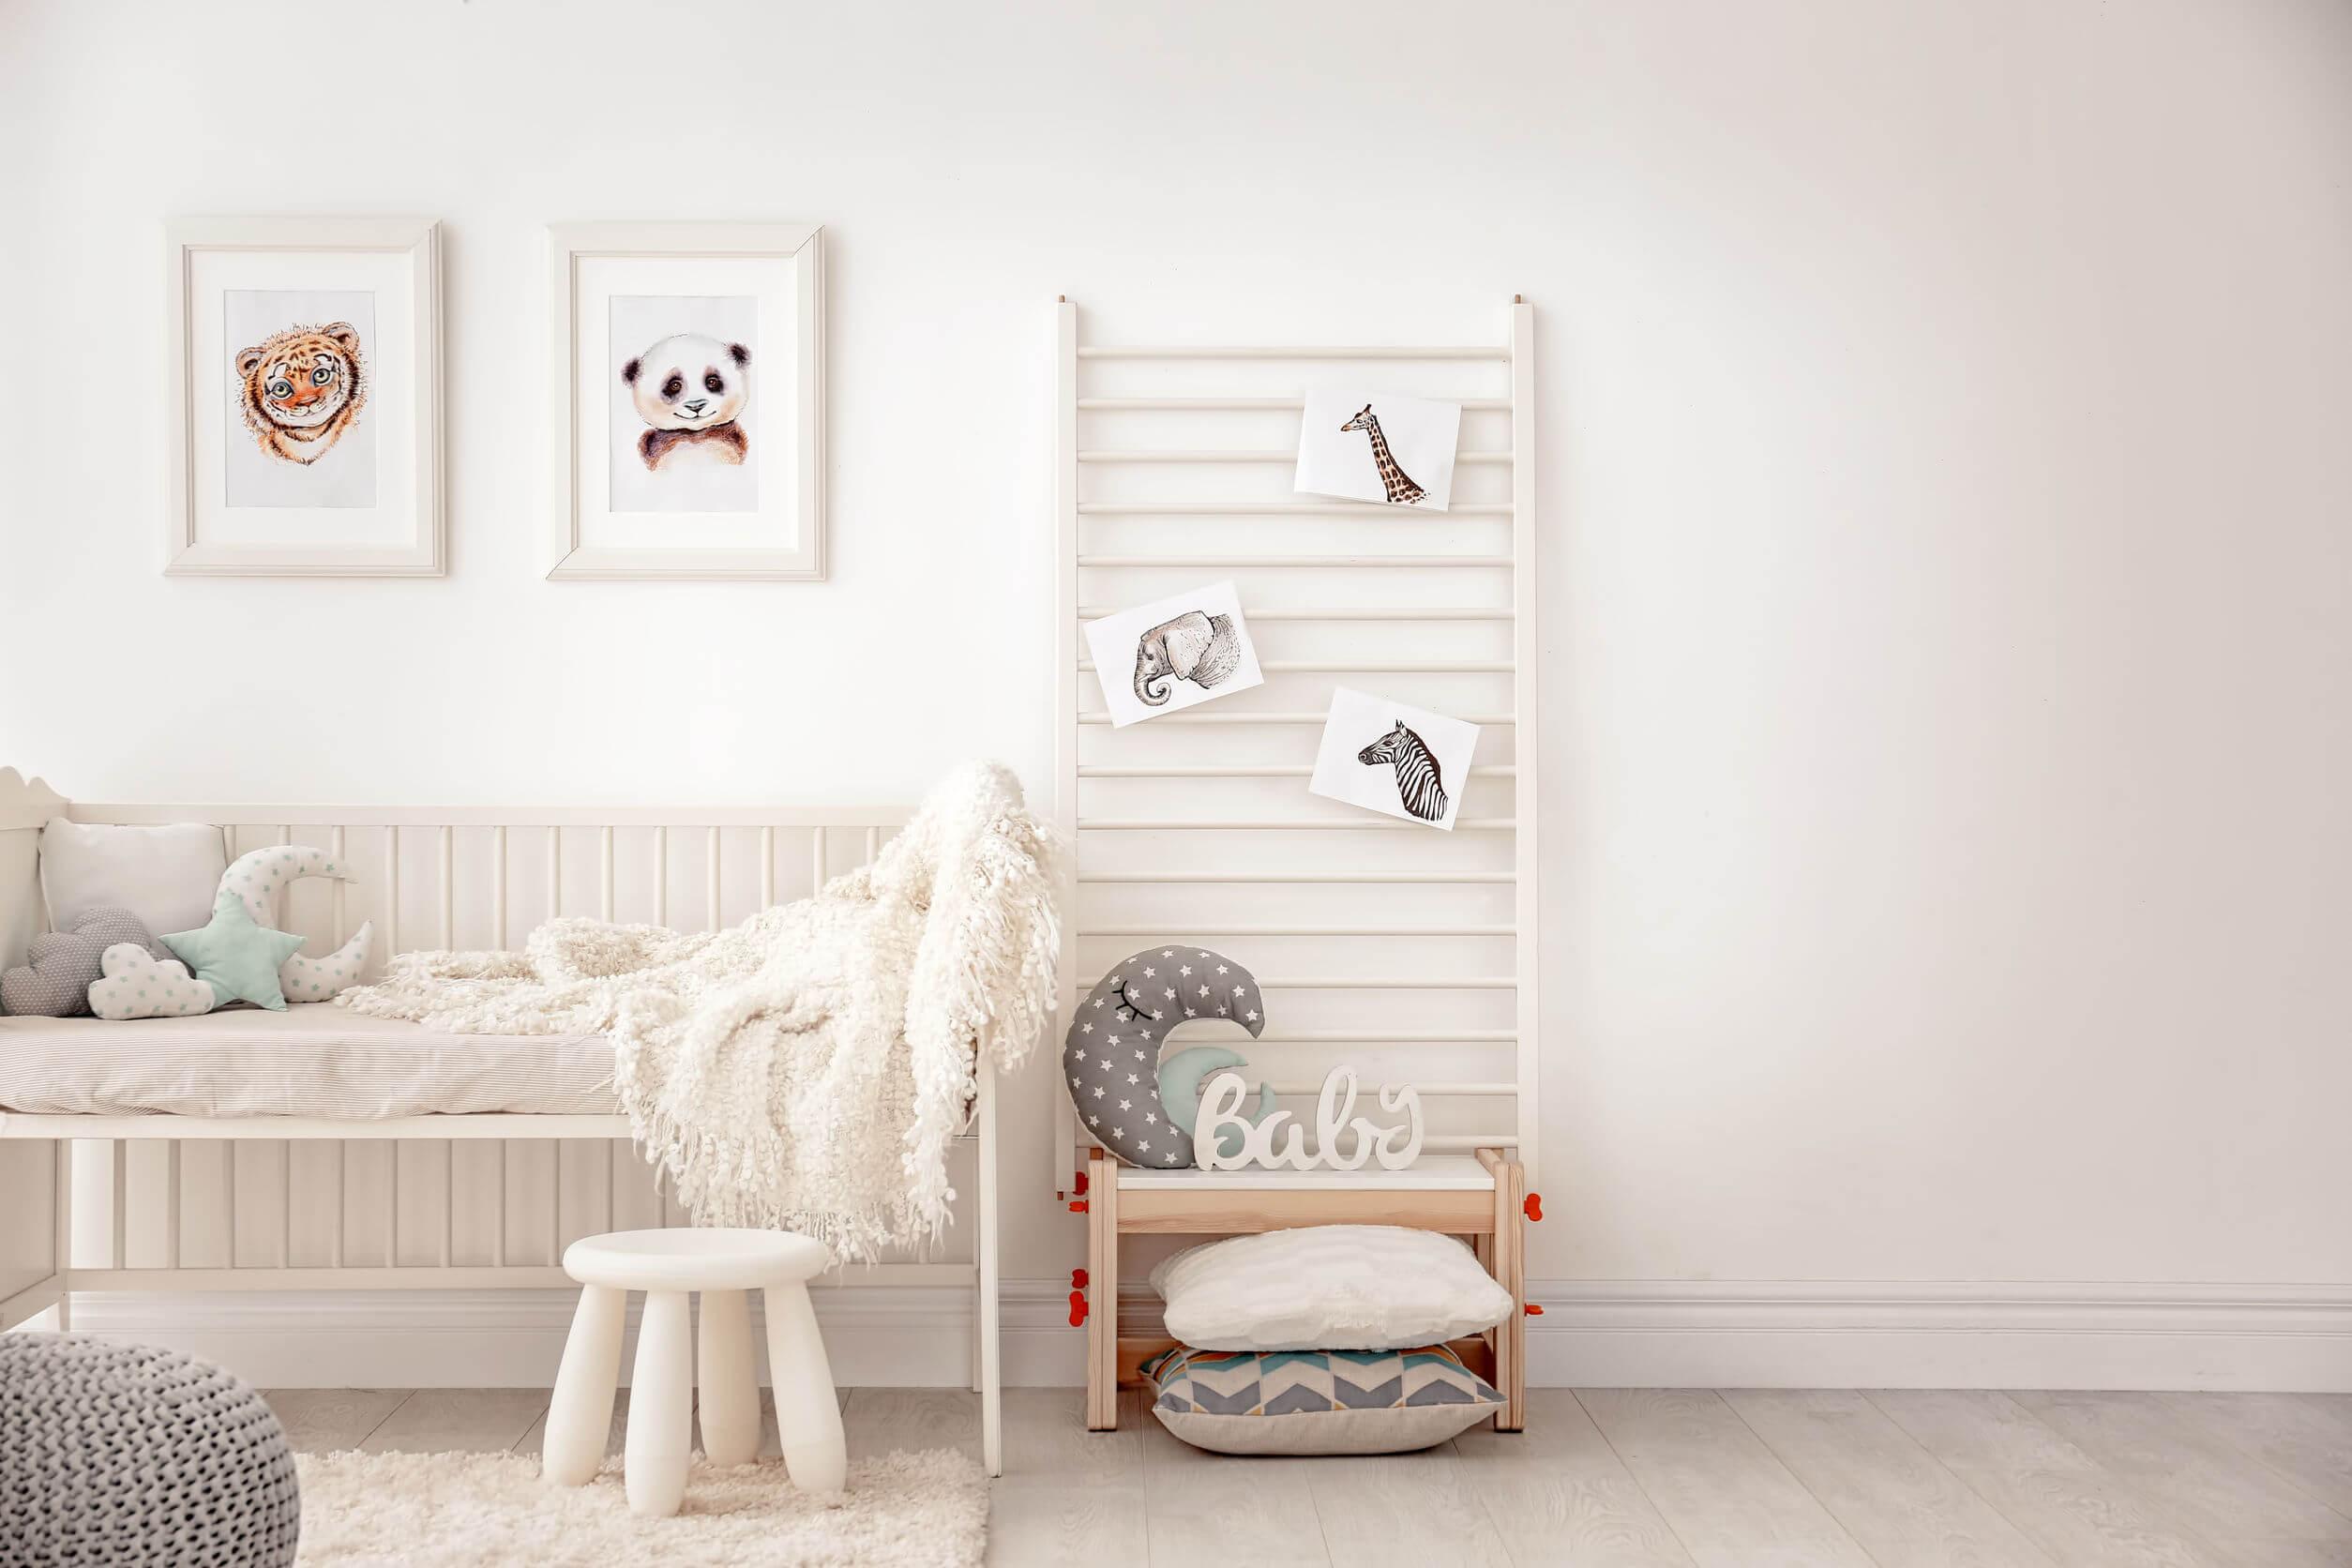 Las láminas decorativas más bonitas para tus paredes